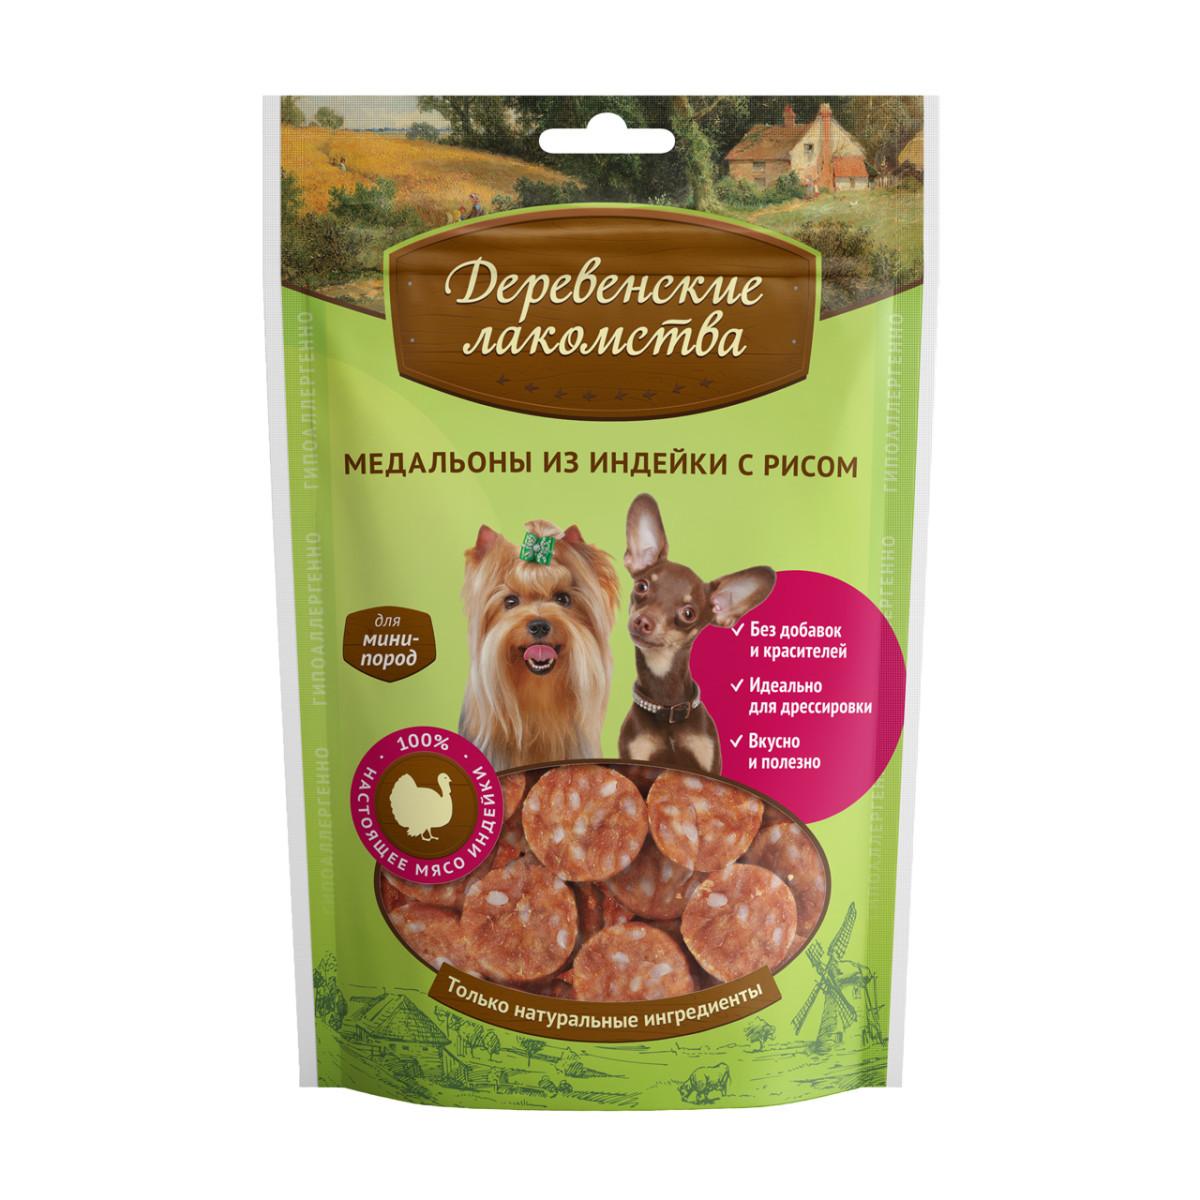 Деревенские лакомства для собак мини-пород Медальоны из индейки с рисом 55гр